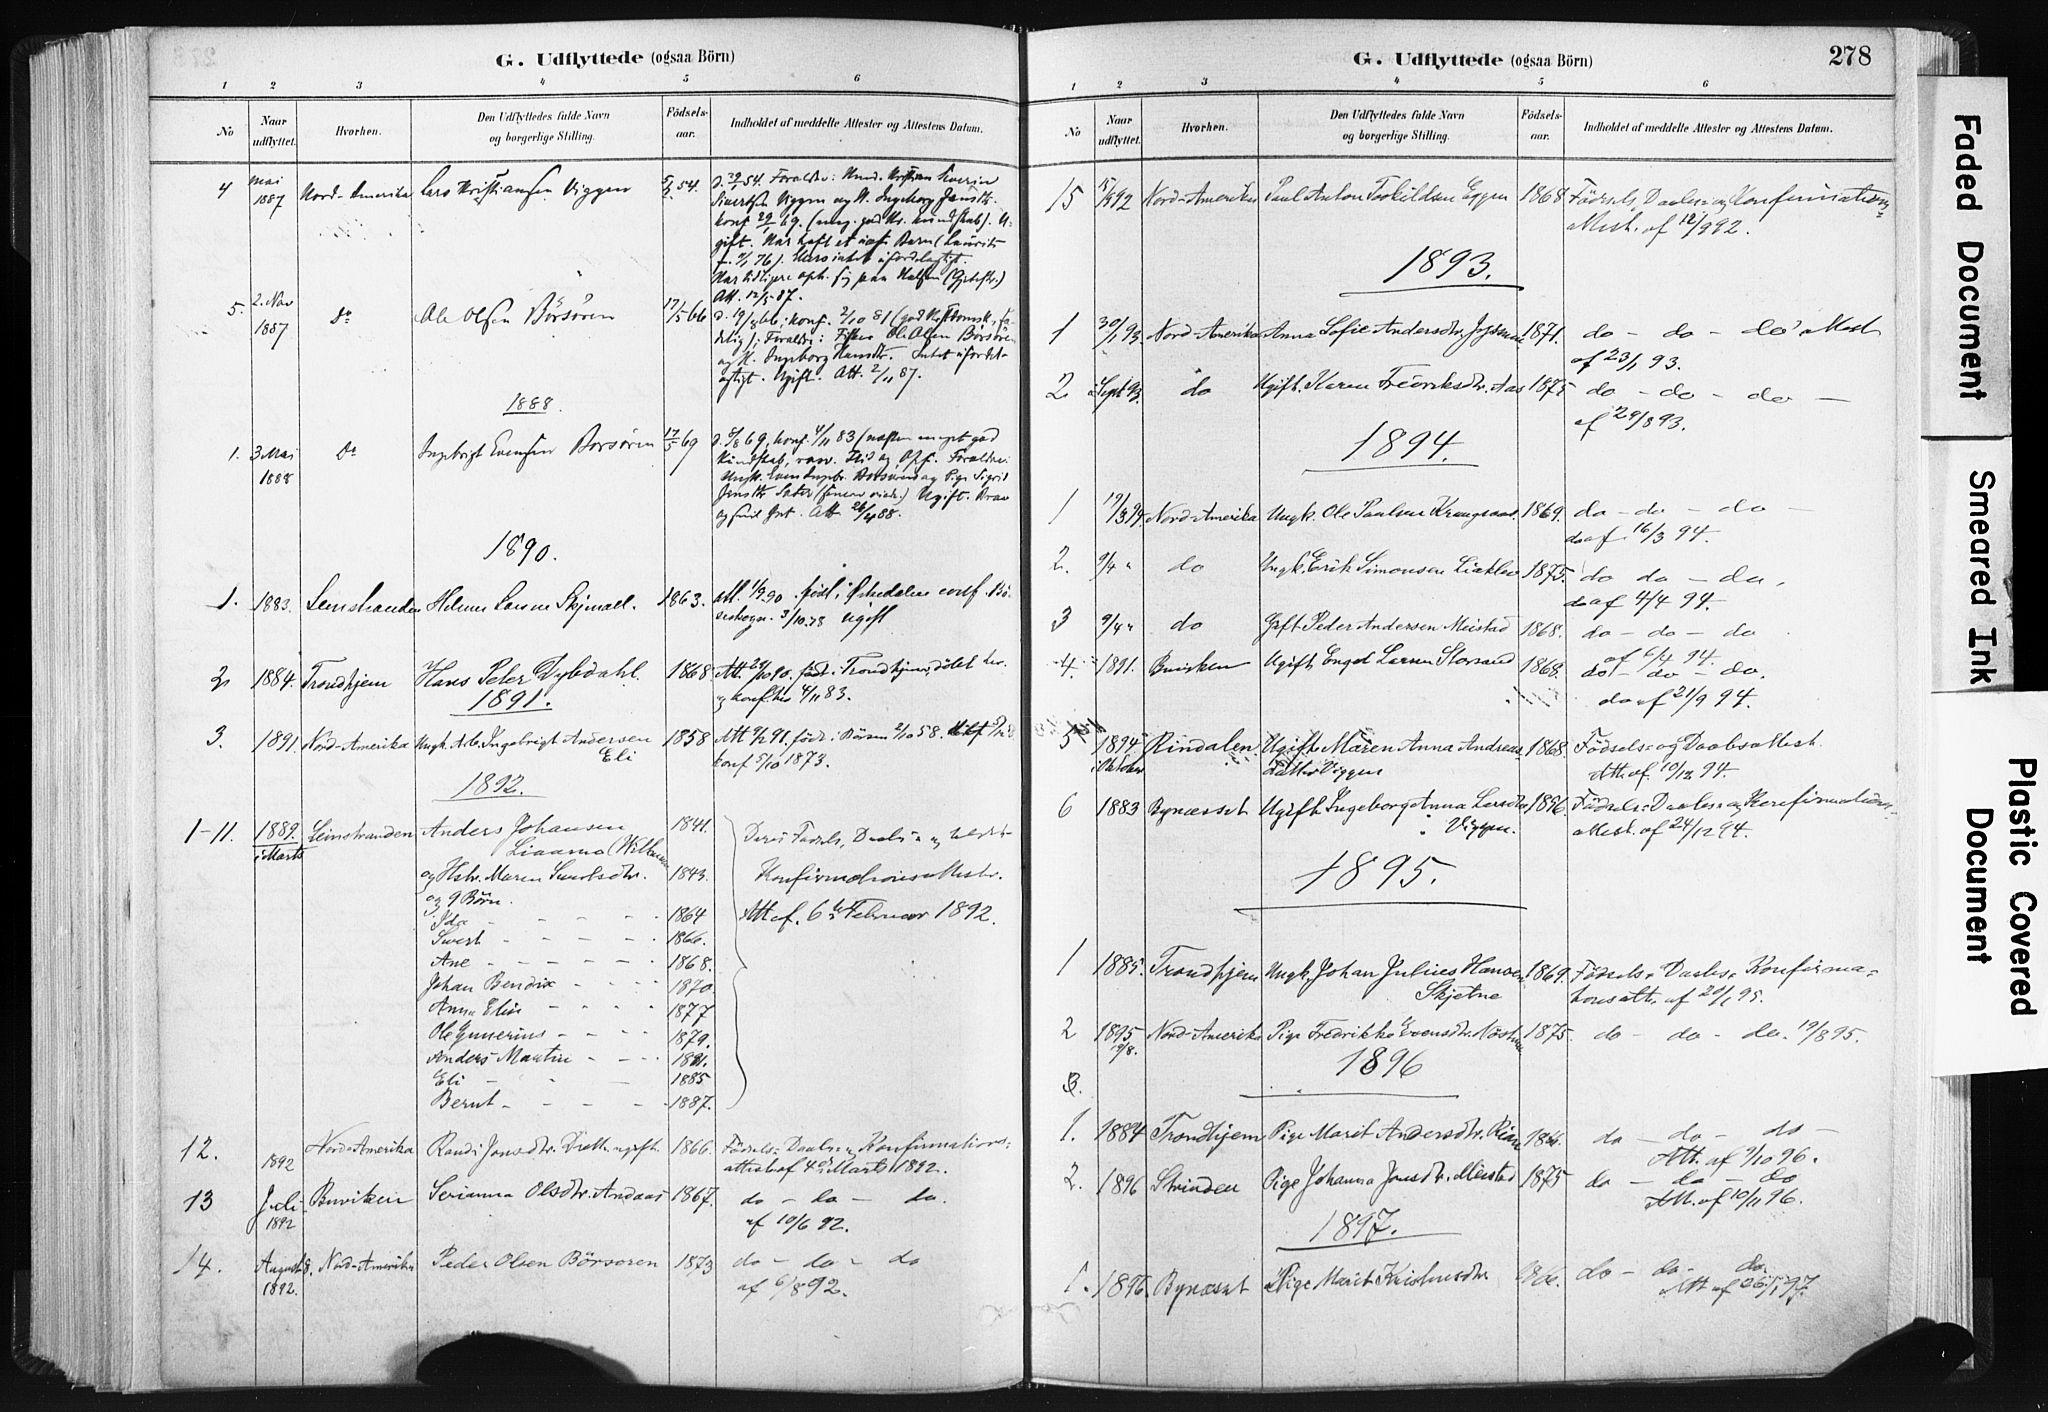 SAT, Ministerialprotokoller, klokkerbøker og fødselsregistre - Sør-Trøndelag, 665/L0773: Ministerialbok nr. 665A08, 1879-1905, s. 278